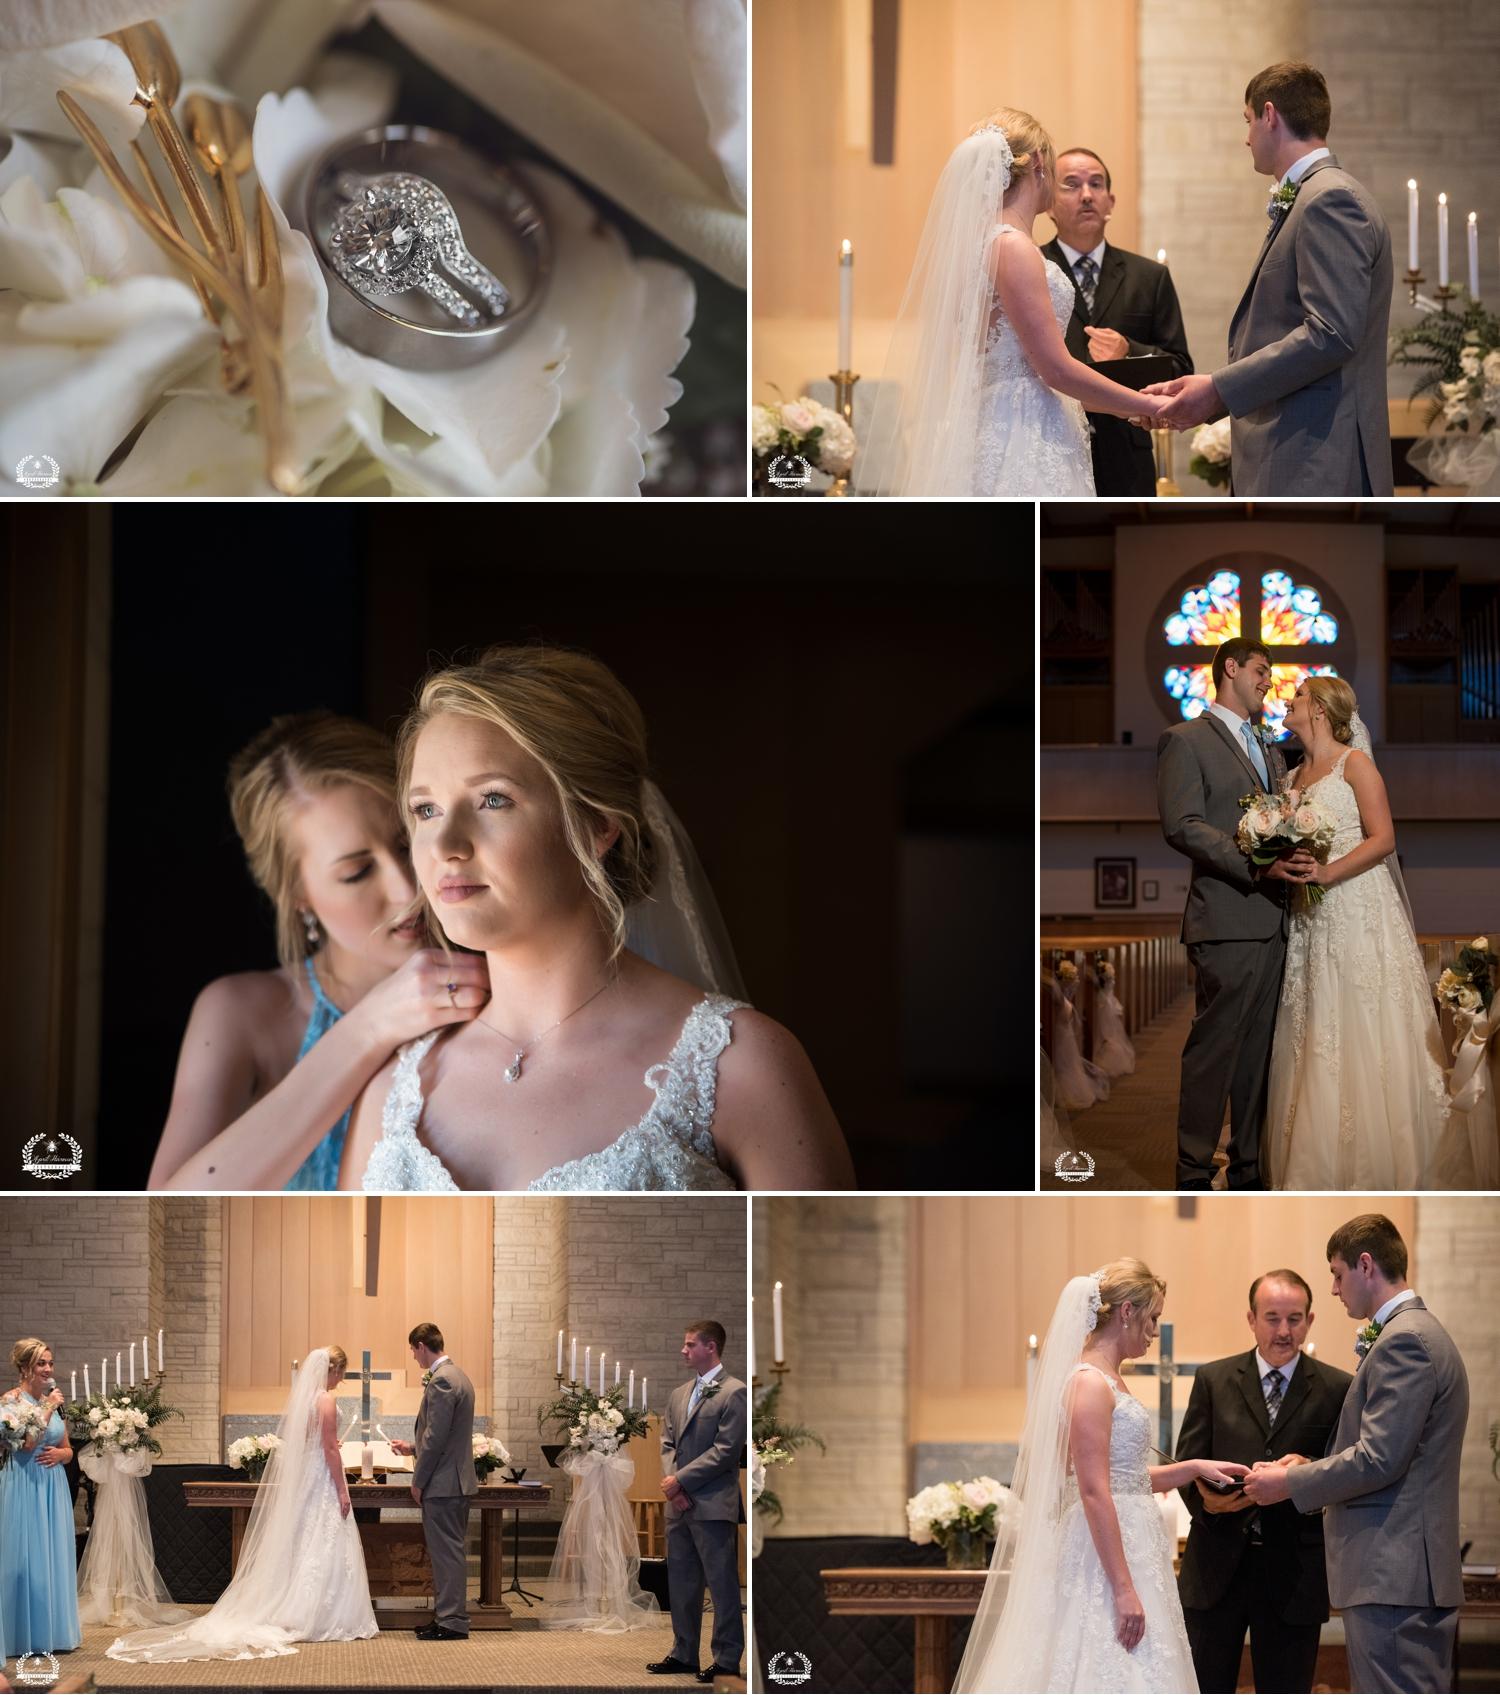 southwest kansas wedding photography 1.jpg